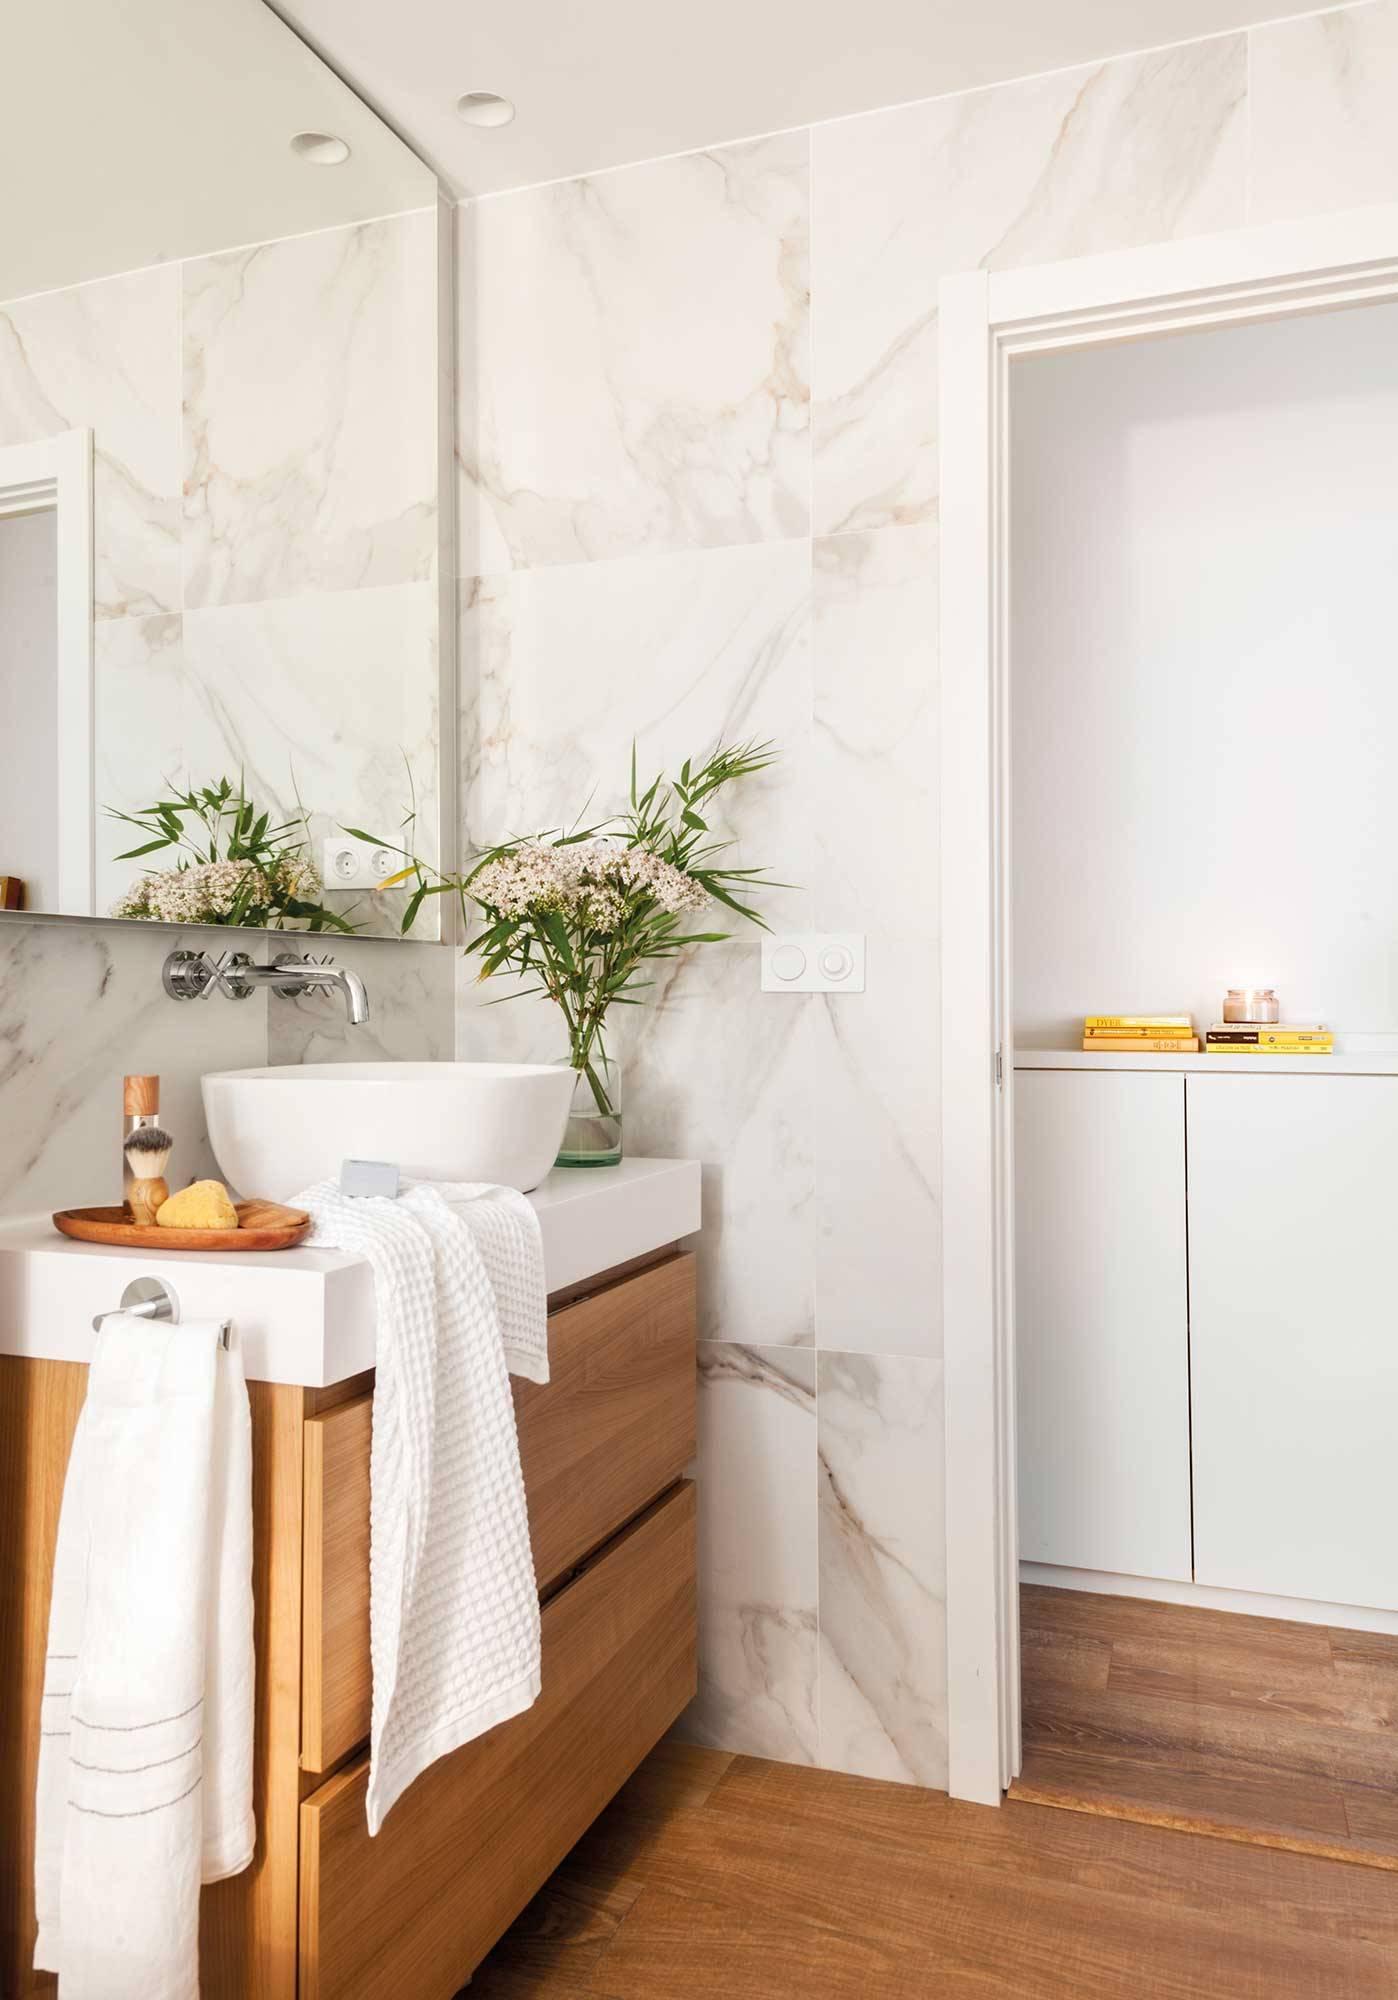 Muebles baño: Decoración, accesorios, mamparas y azulejos - ElMueble